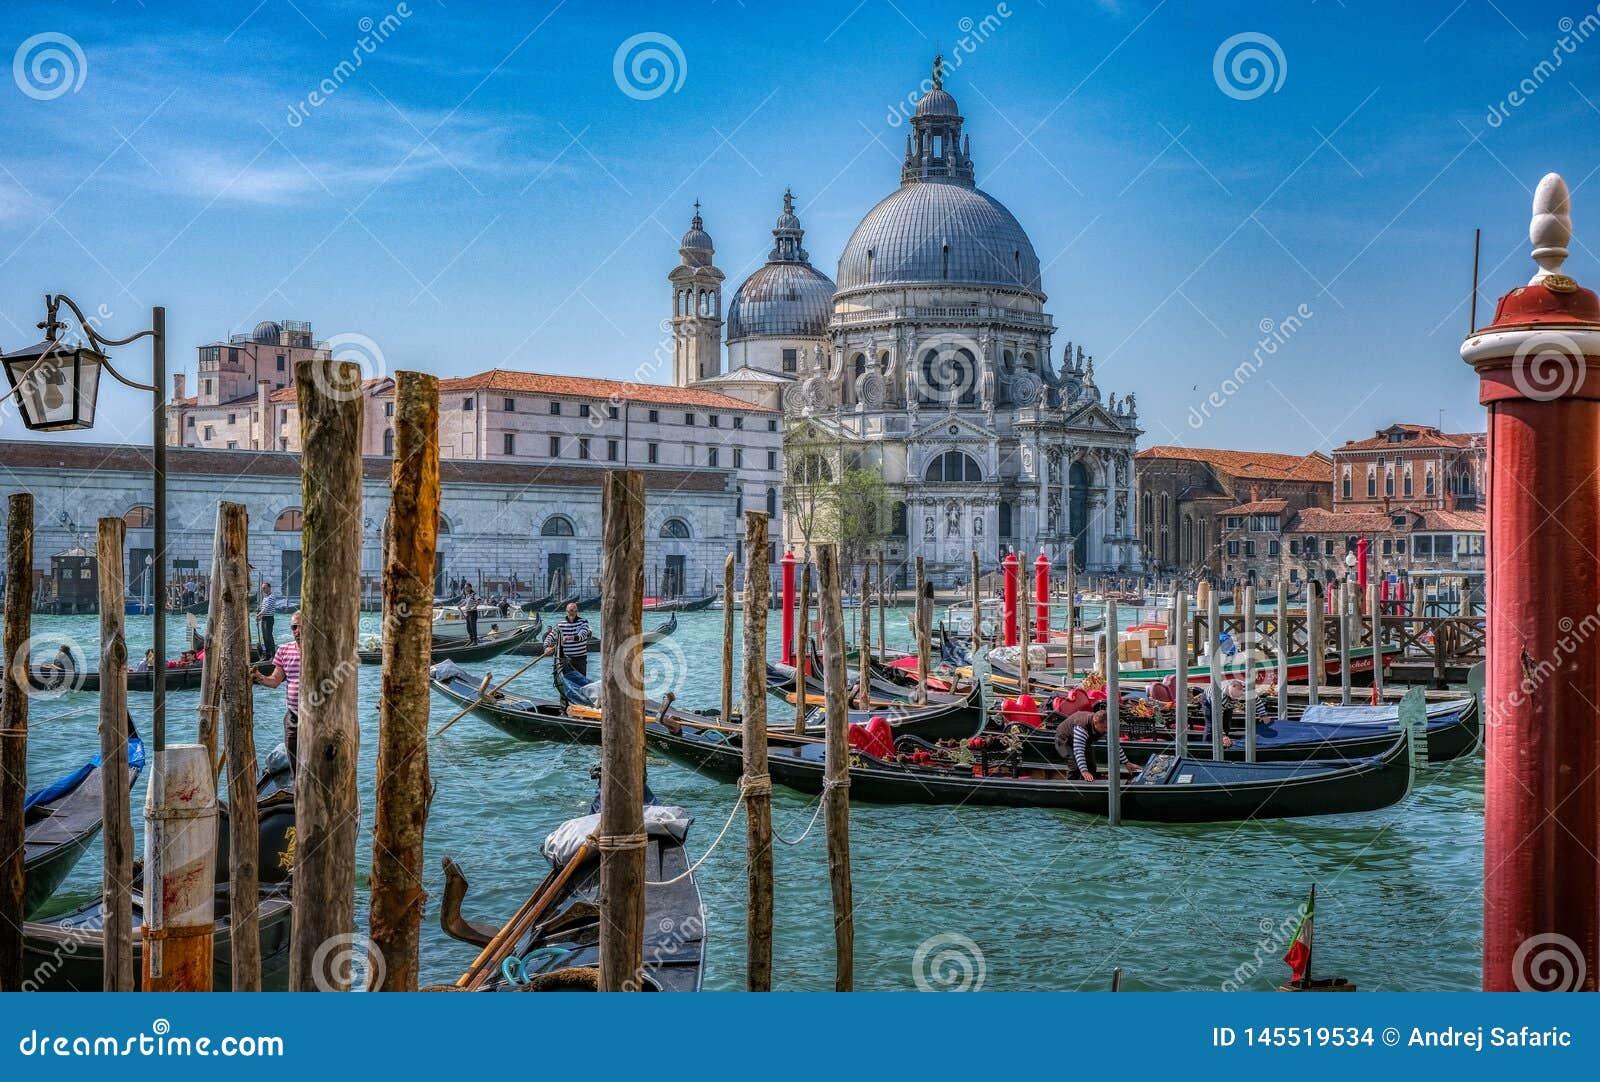 Gondolas in Venice with Basilica di Santa Maria della Salute